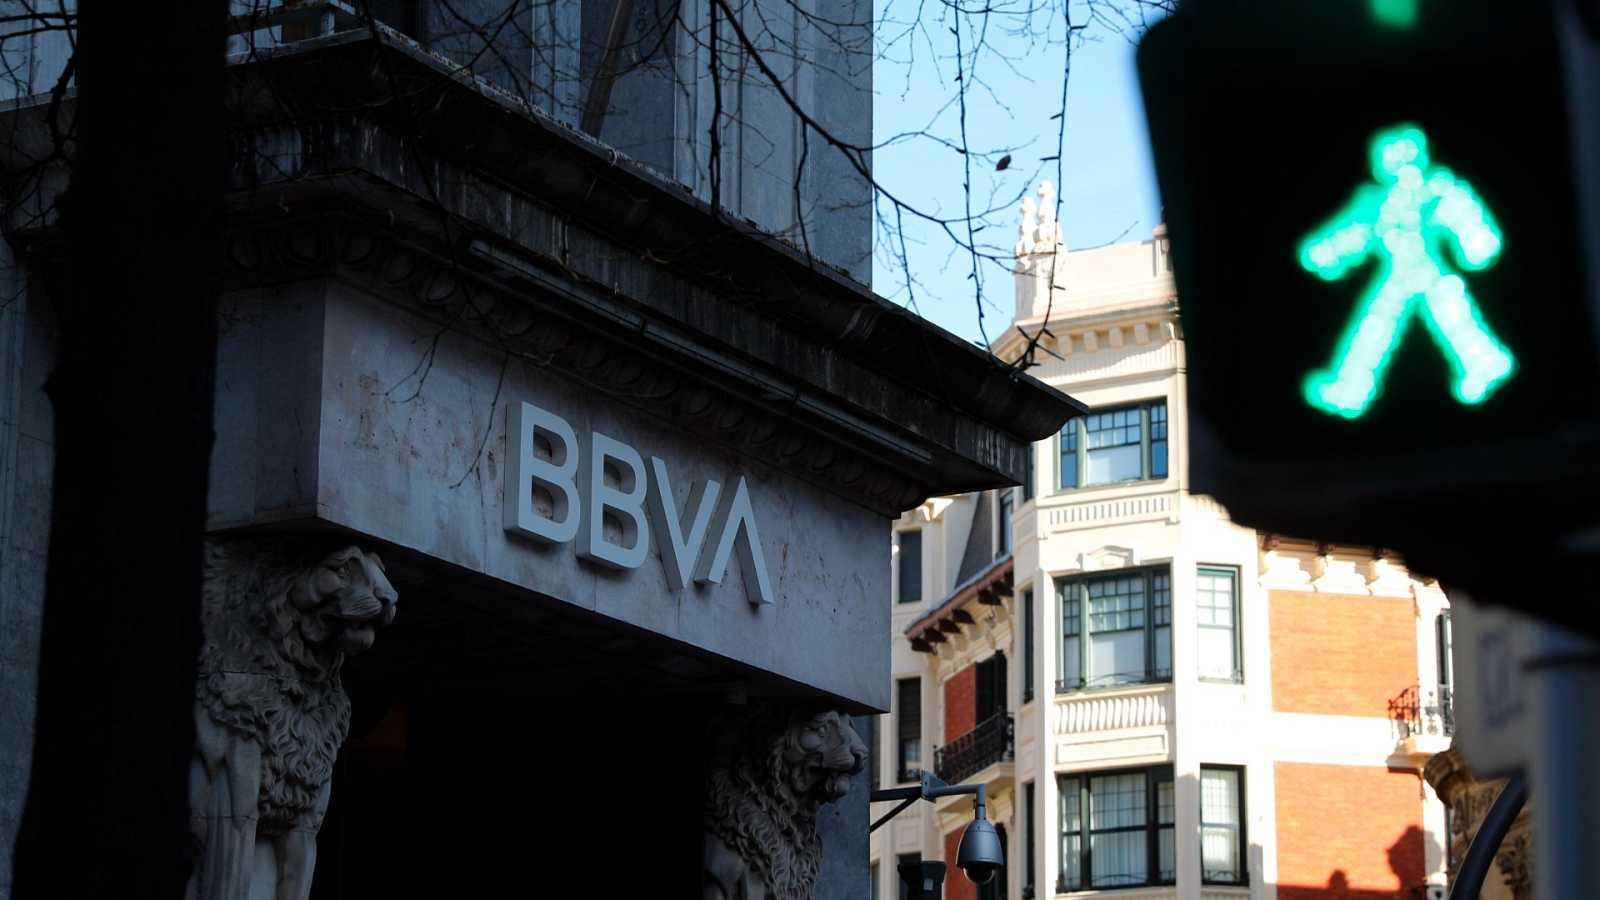 Las entidades BBVA y Banco Sabadell mantienen contactos preliminares para una posible fusión